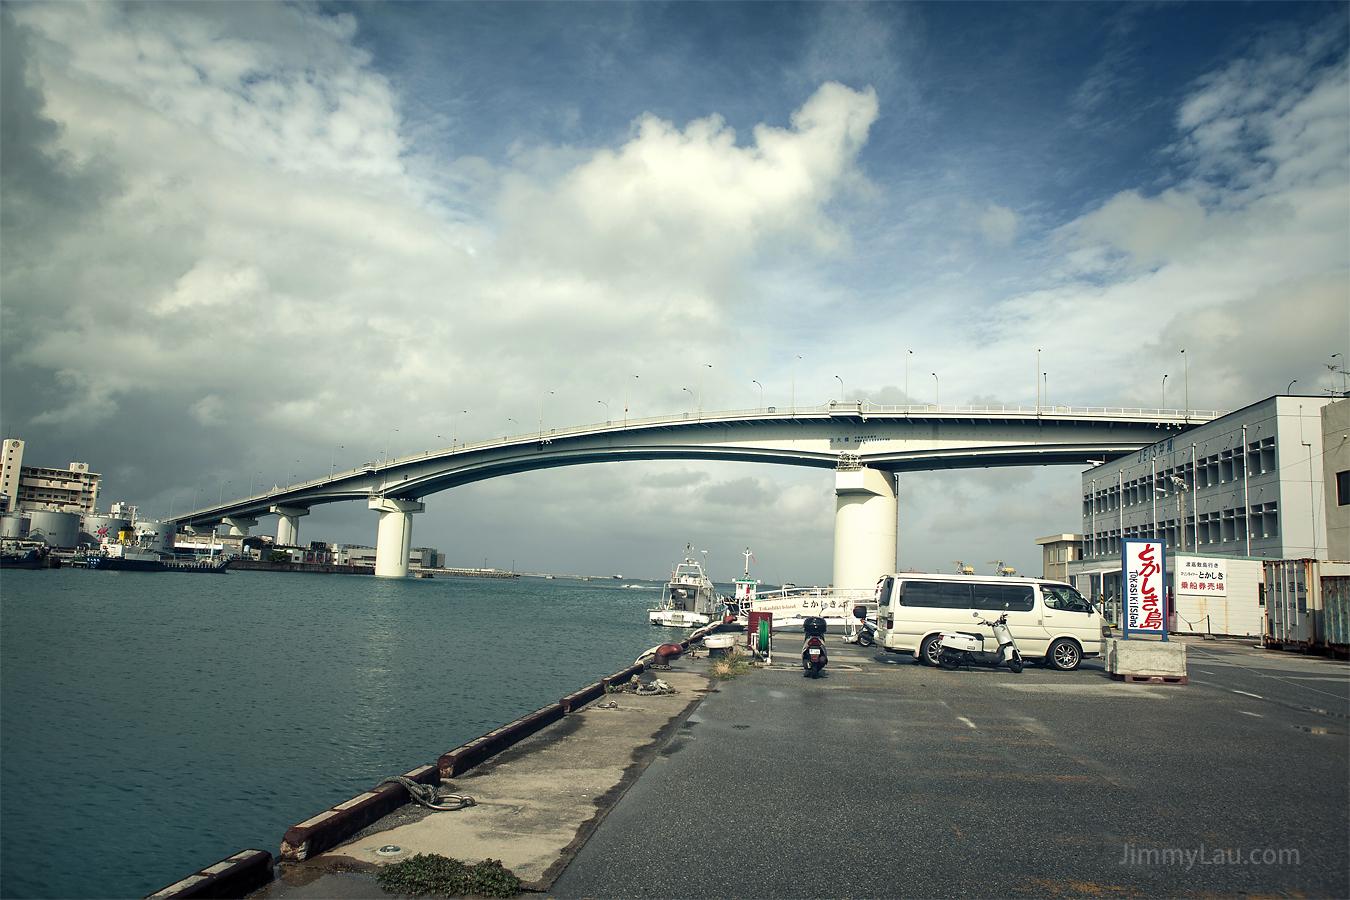 日本沖繩那霸:泊港漁市場 - 旅遊遊記   自由行   旅遊景點 - ImageJoy